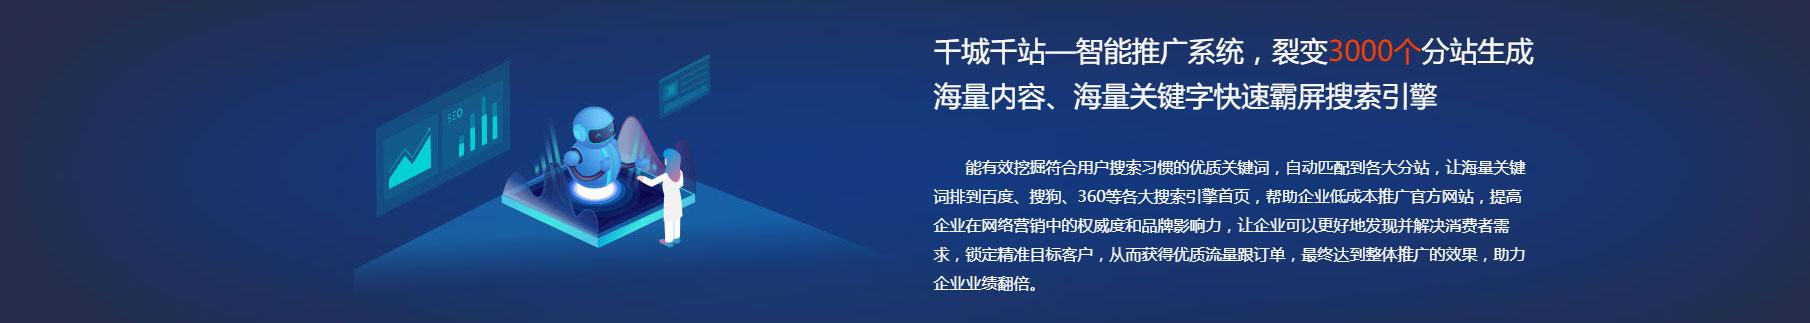 千城千站—智能推广系统,裂变3000个分站生成海量内容、海量关键字快速霸屏搜索引擎